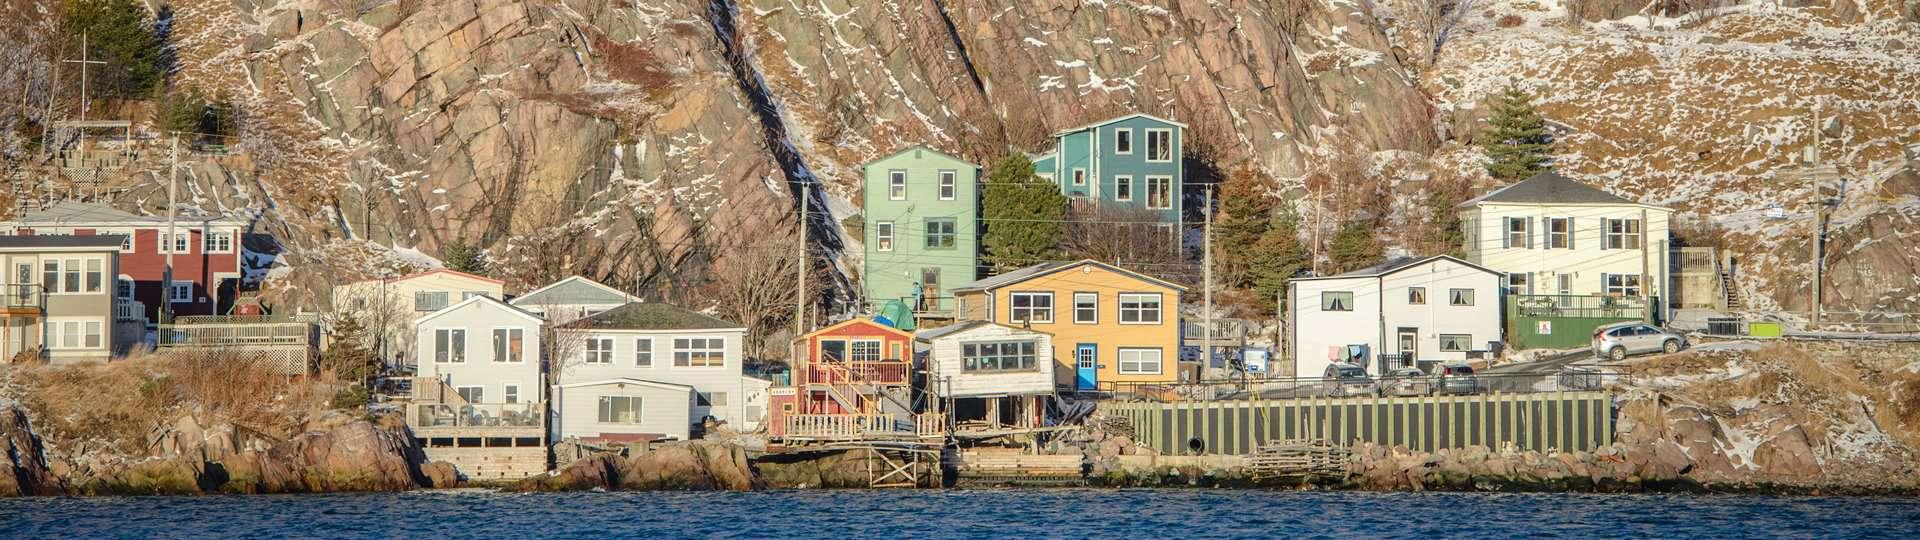 Archaeology Travel | Newfoundland and Labrador | 1